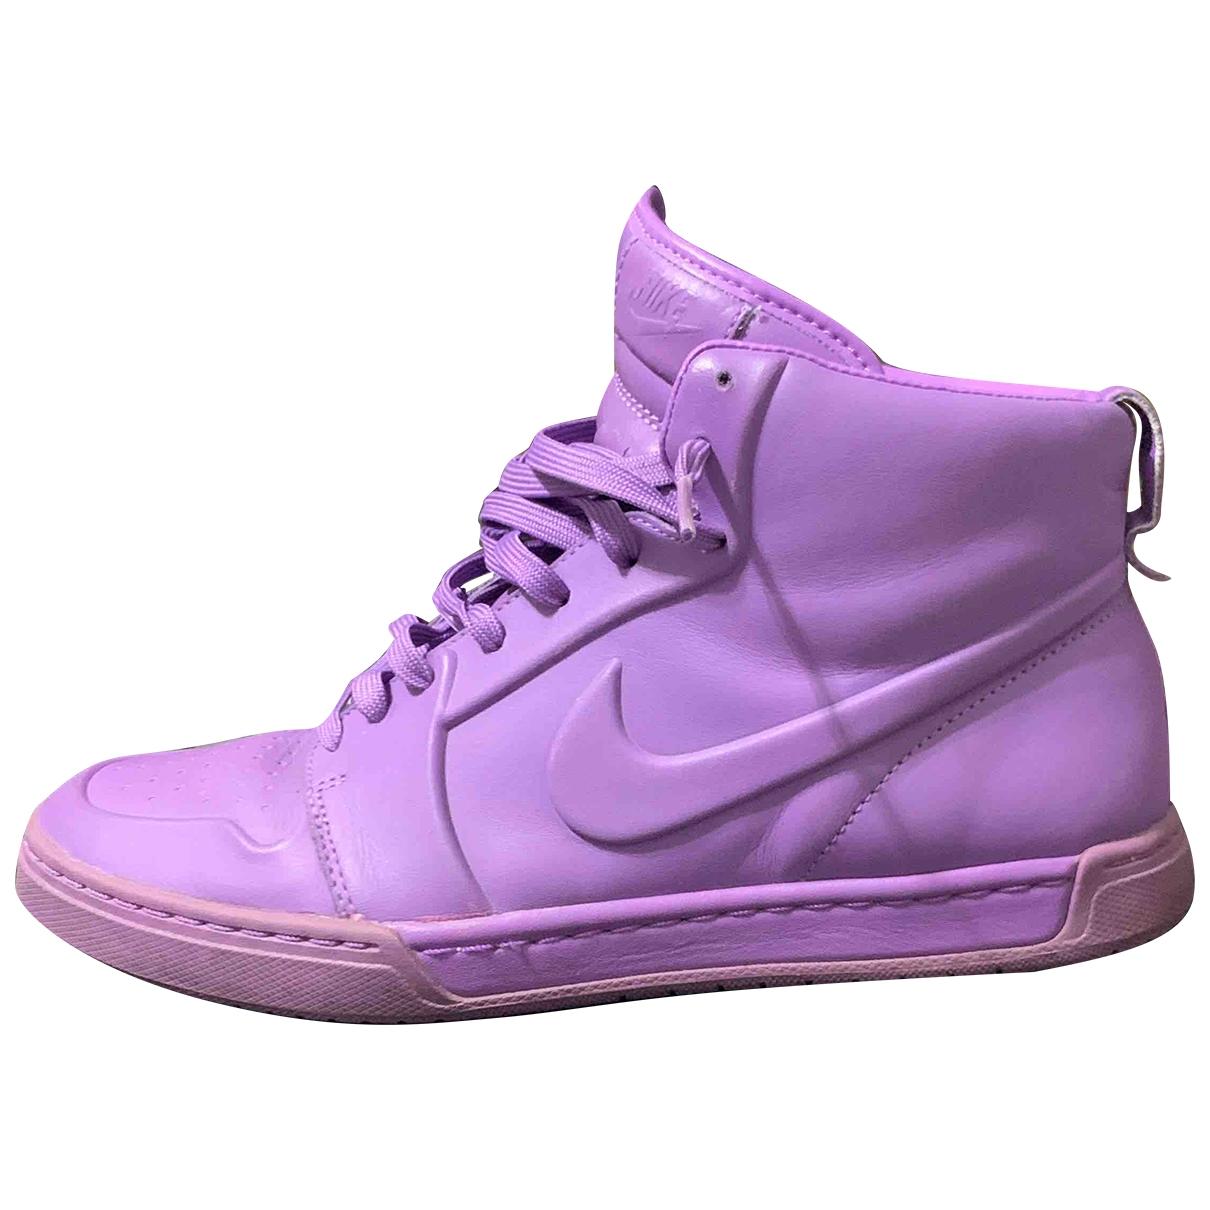 Nike - Baskets   pour homme en caoutchouc - violet